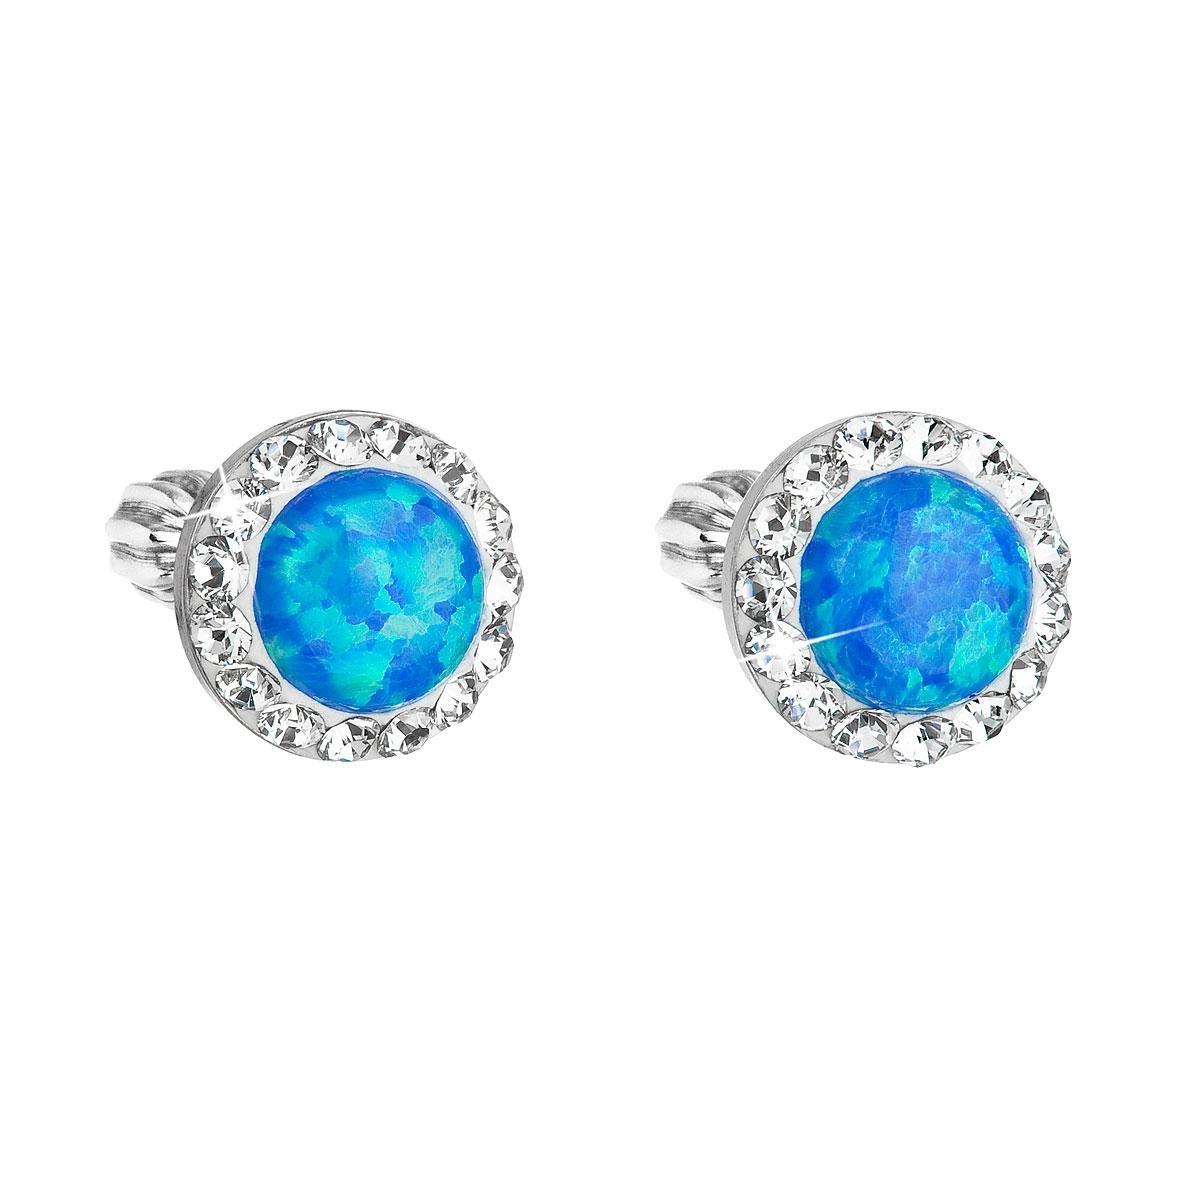 Náušnice s kamínky Crystals from Swarovski® a opály, Bluue